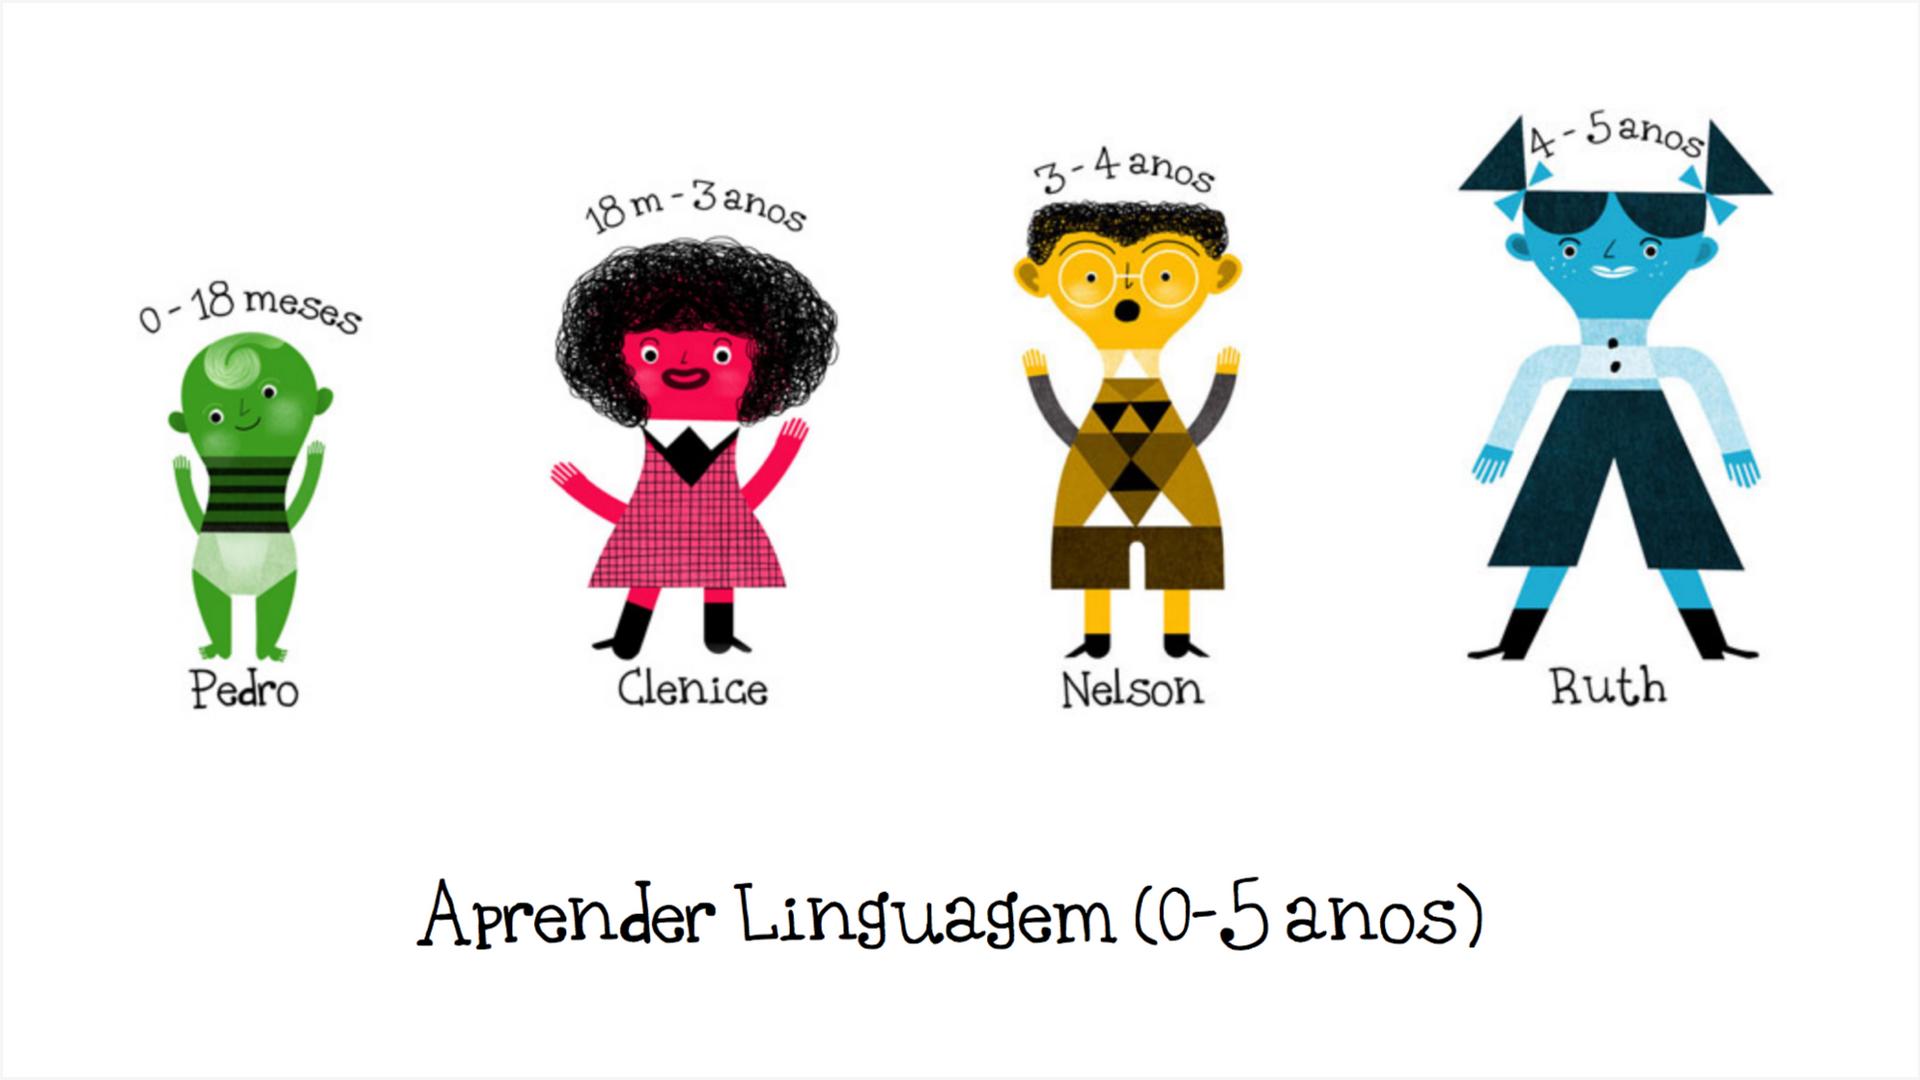 Aprender linguagem: ouvindo e lendo histórias